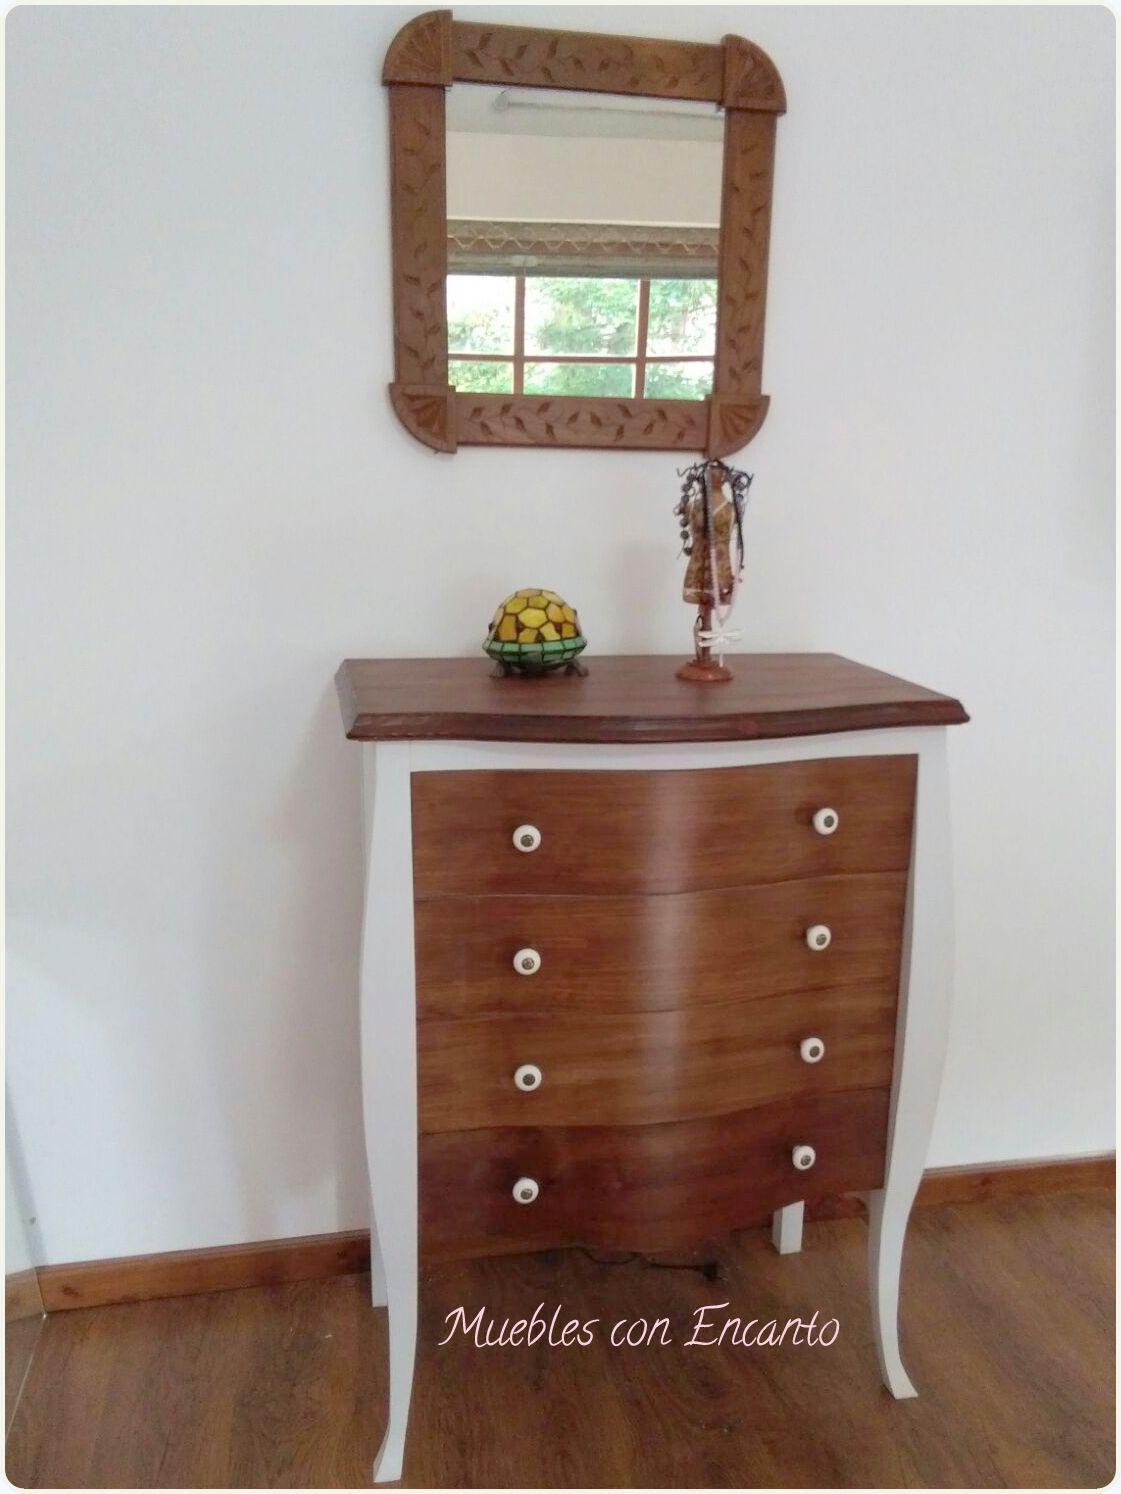 C moda en madera y blanco muebles con encanto - Muebles con encanto ...